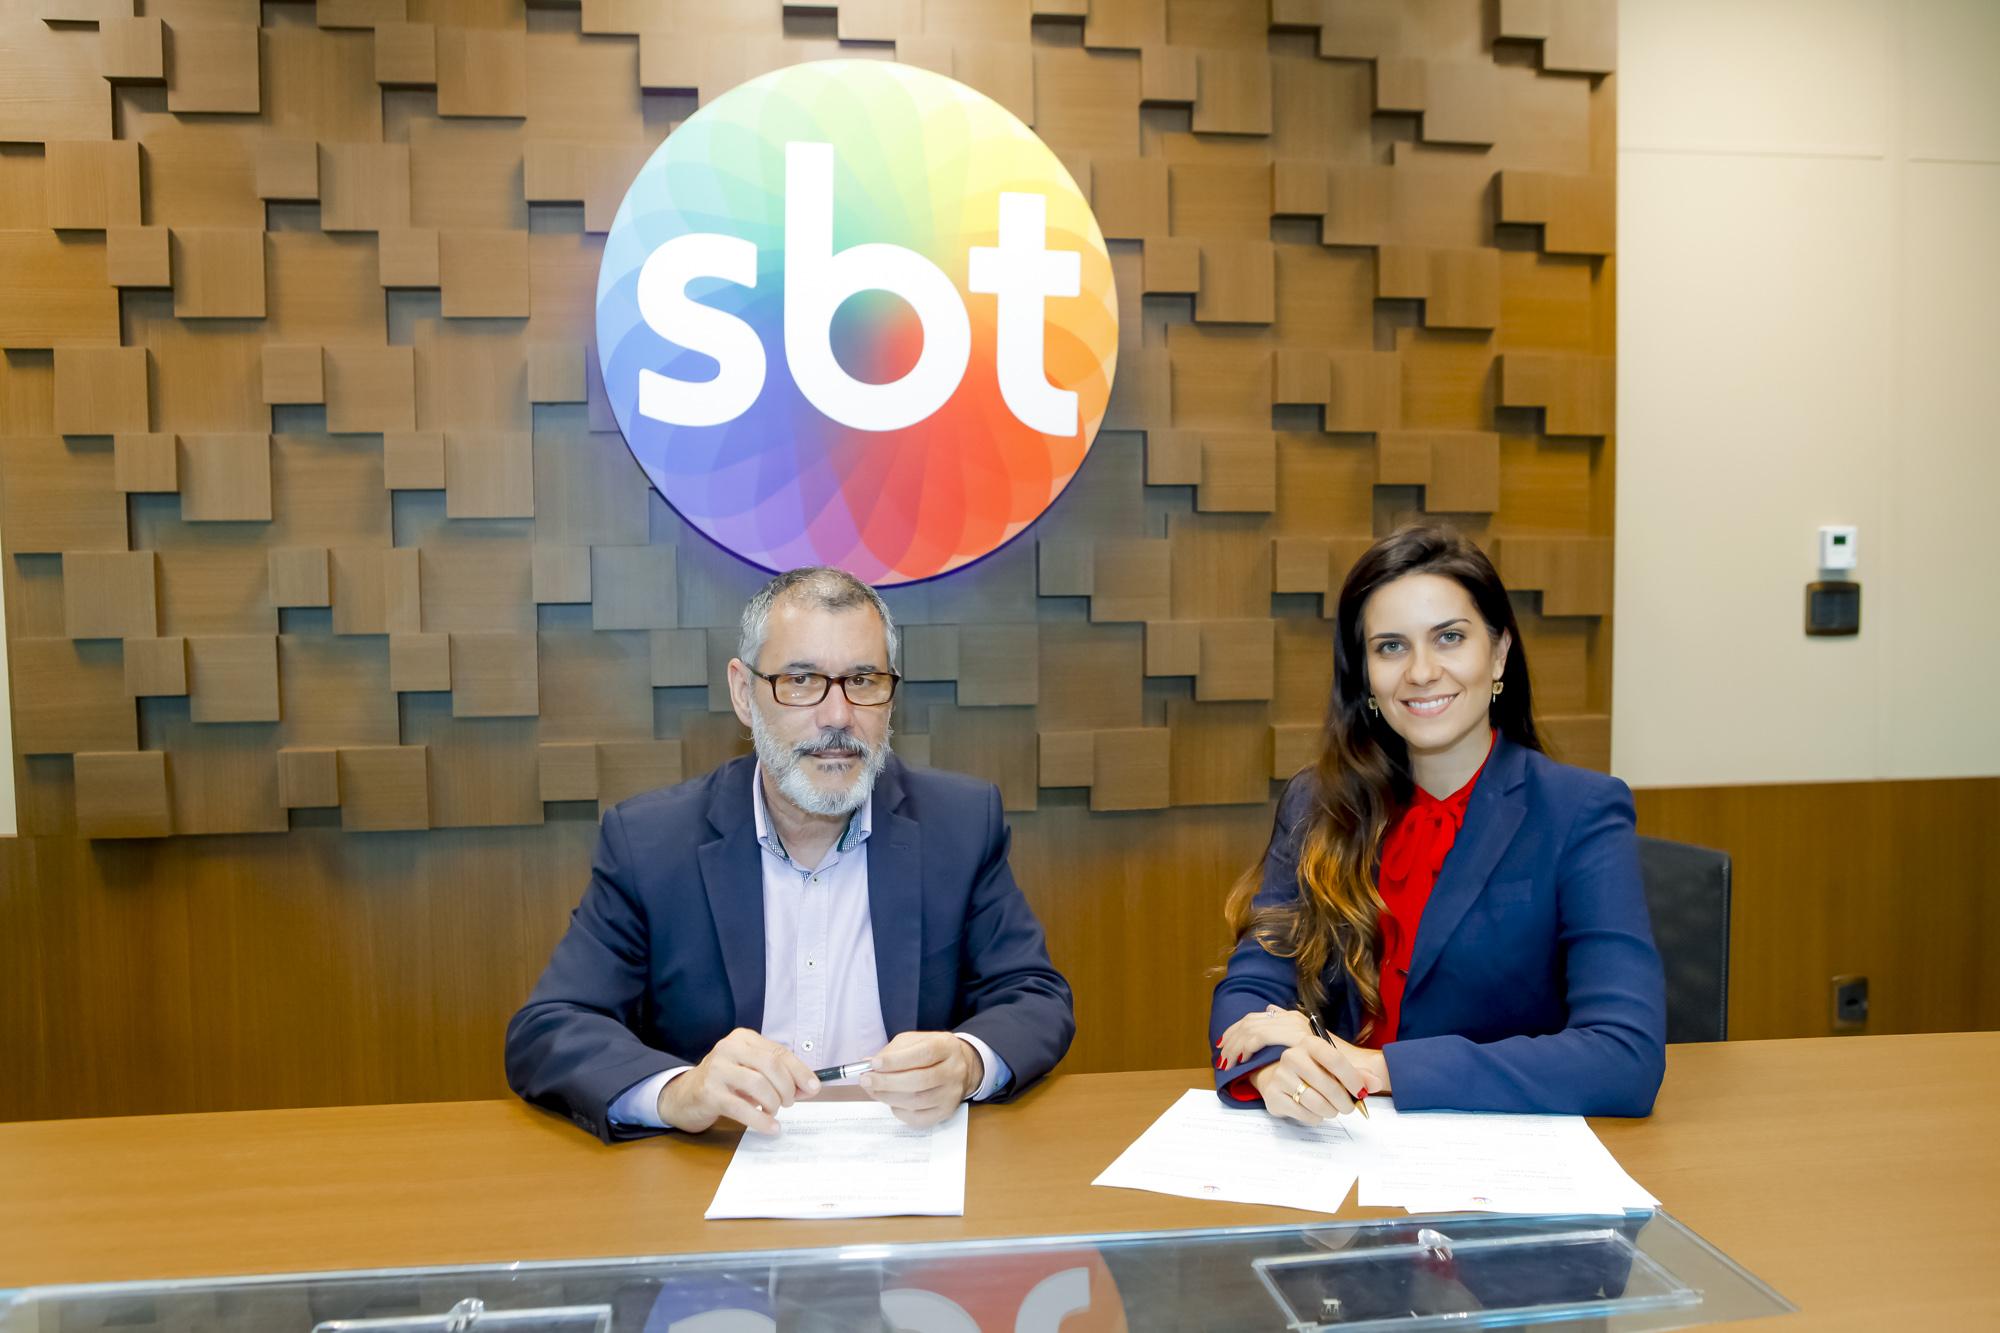 Débora Bergamasco vai apresentar programa de entrevistas no SBT